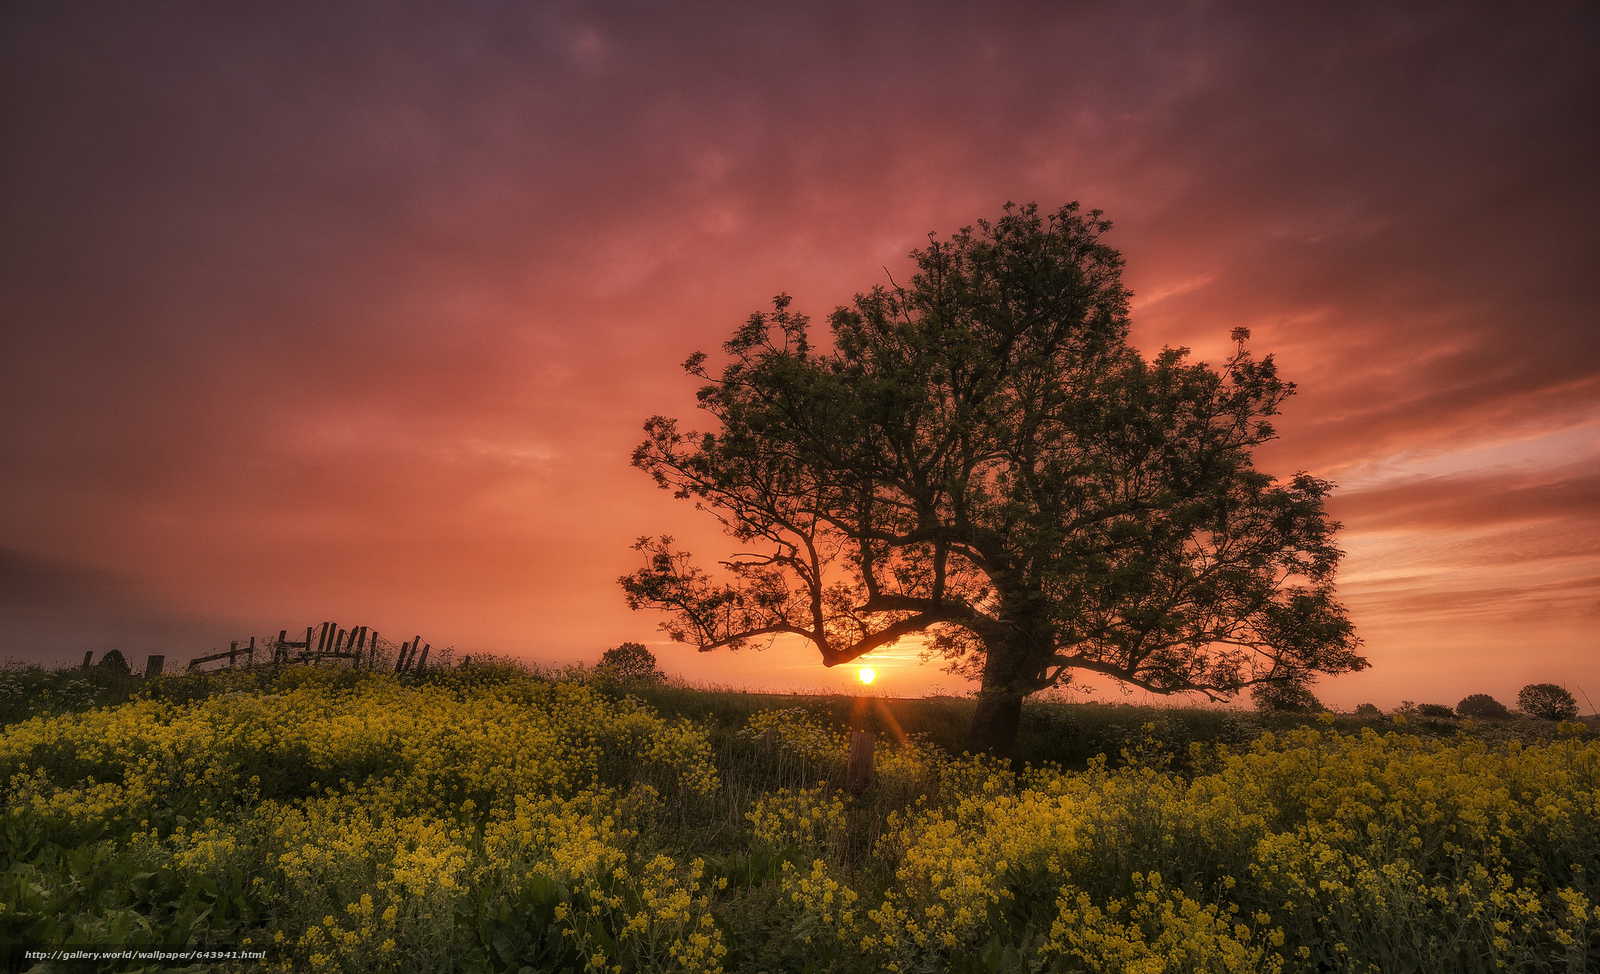 Скачать обои закат,  поле,  цветы,  дерево бесплатно для рабочего стола в разрешении 2048x1247 — картинка №643941